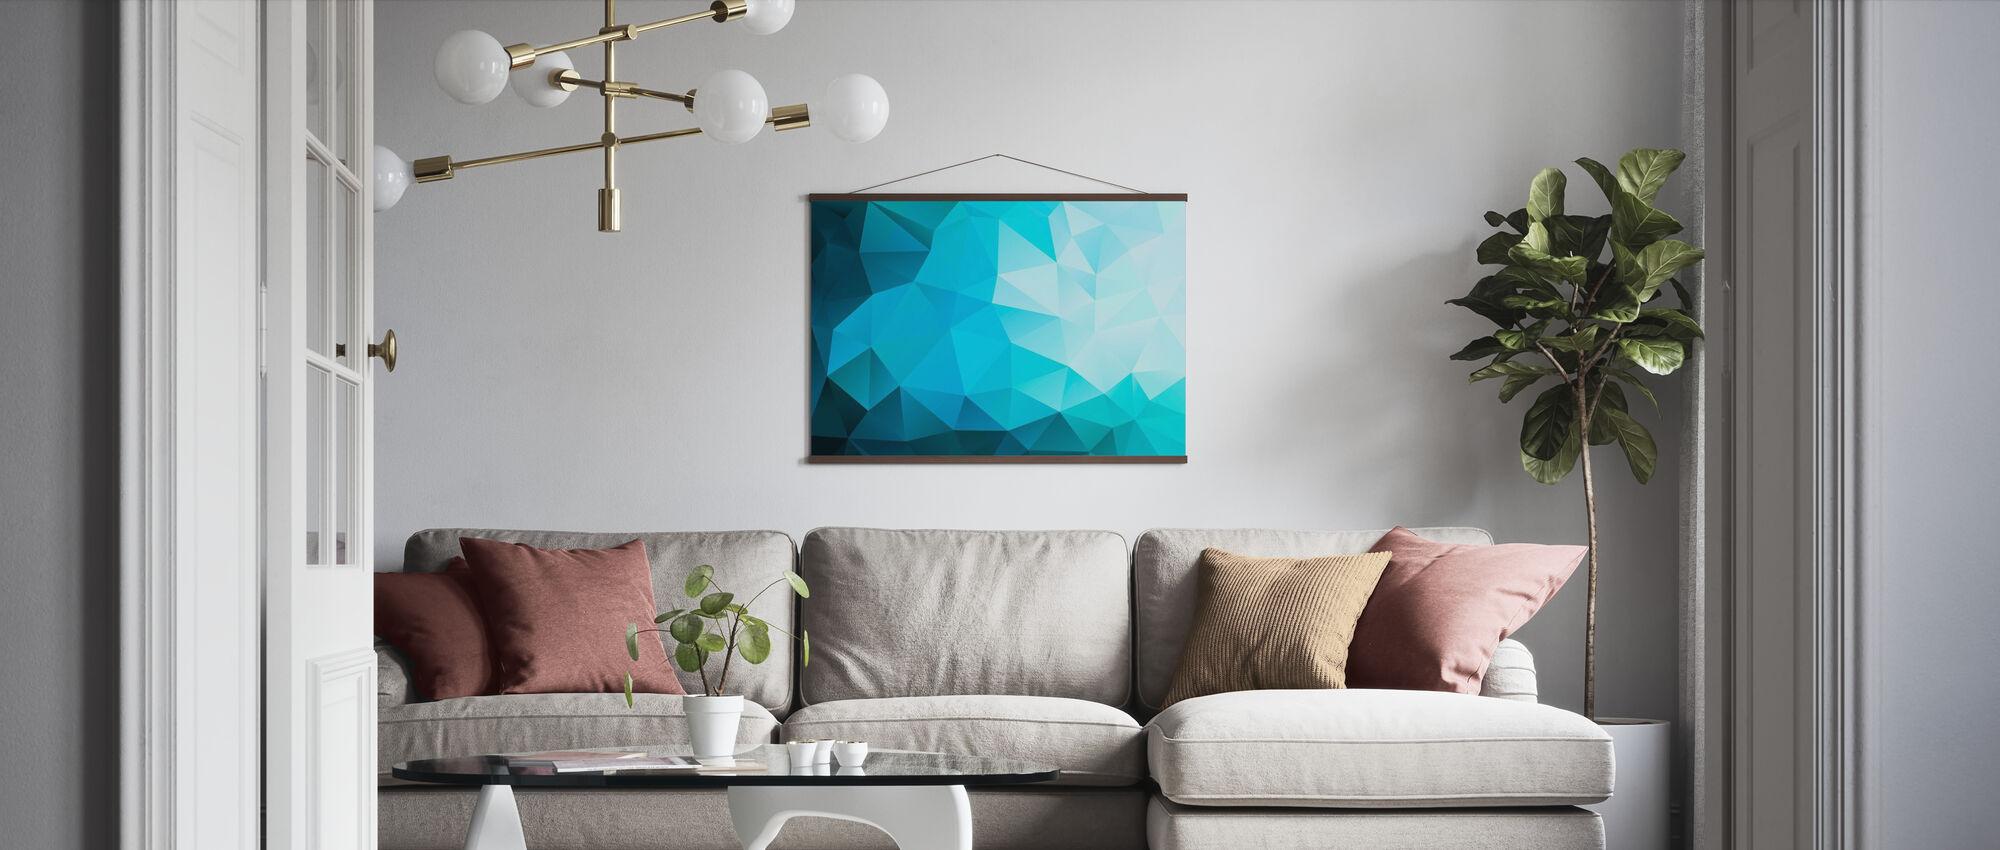 Blauwe veelhoekige - Poster - Woonkamer